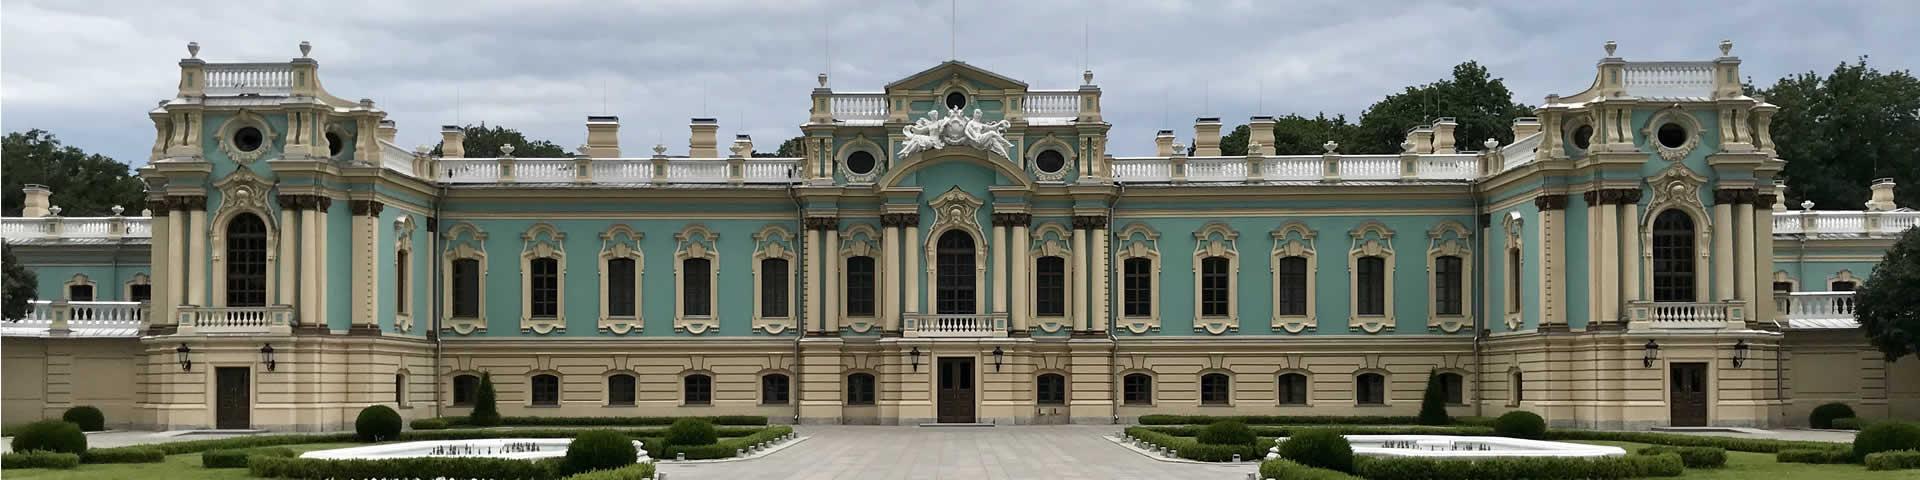 کاخ موزه ریاست جمهوری اکراین